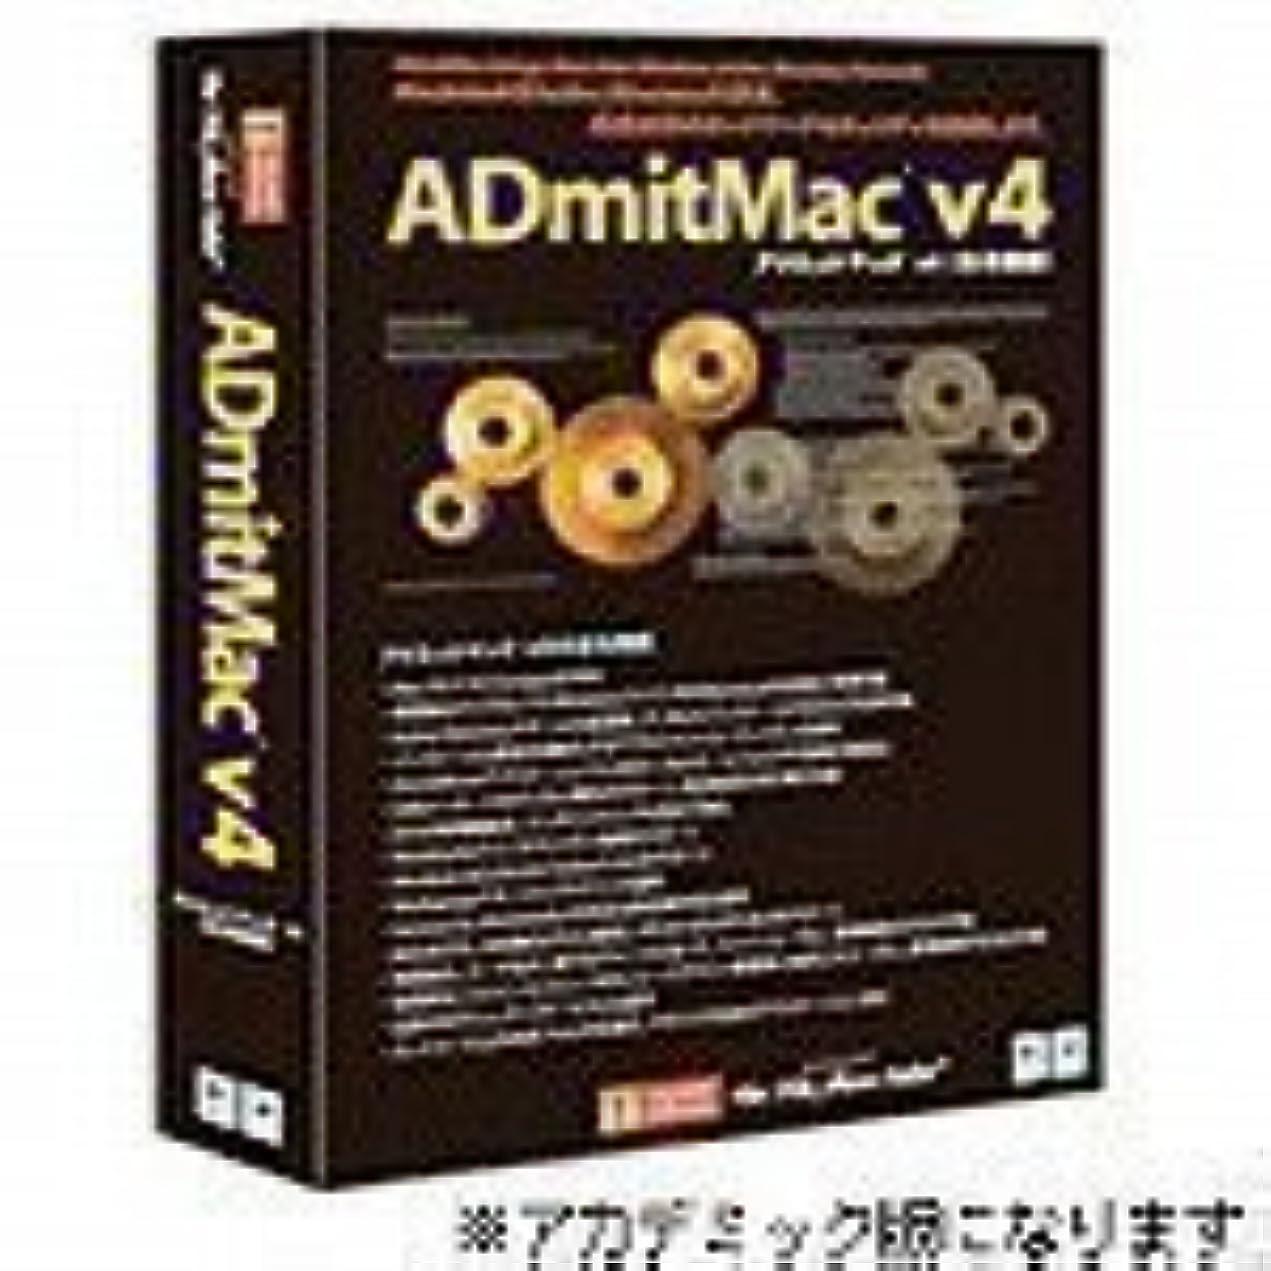 パースブラックボロウモール生理ADmitMac v4 アカデミック版